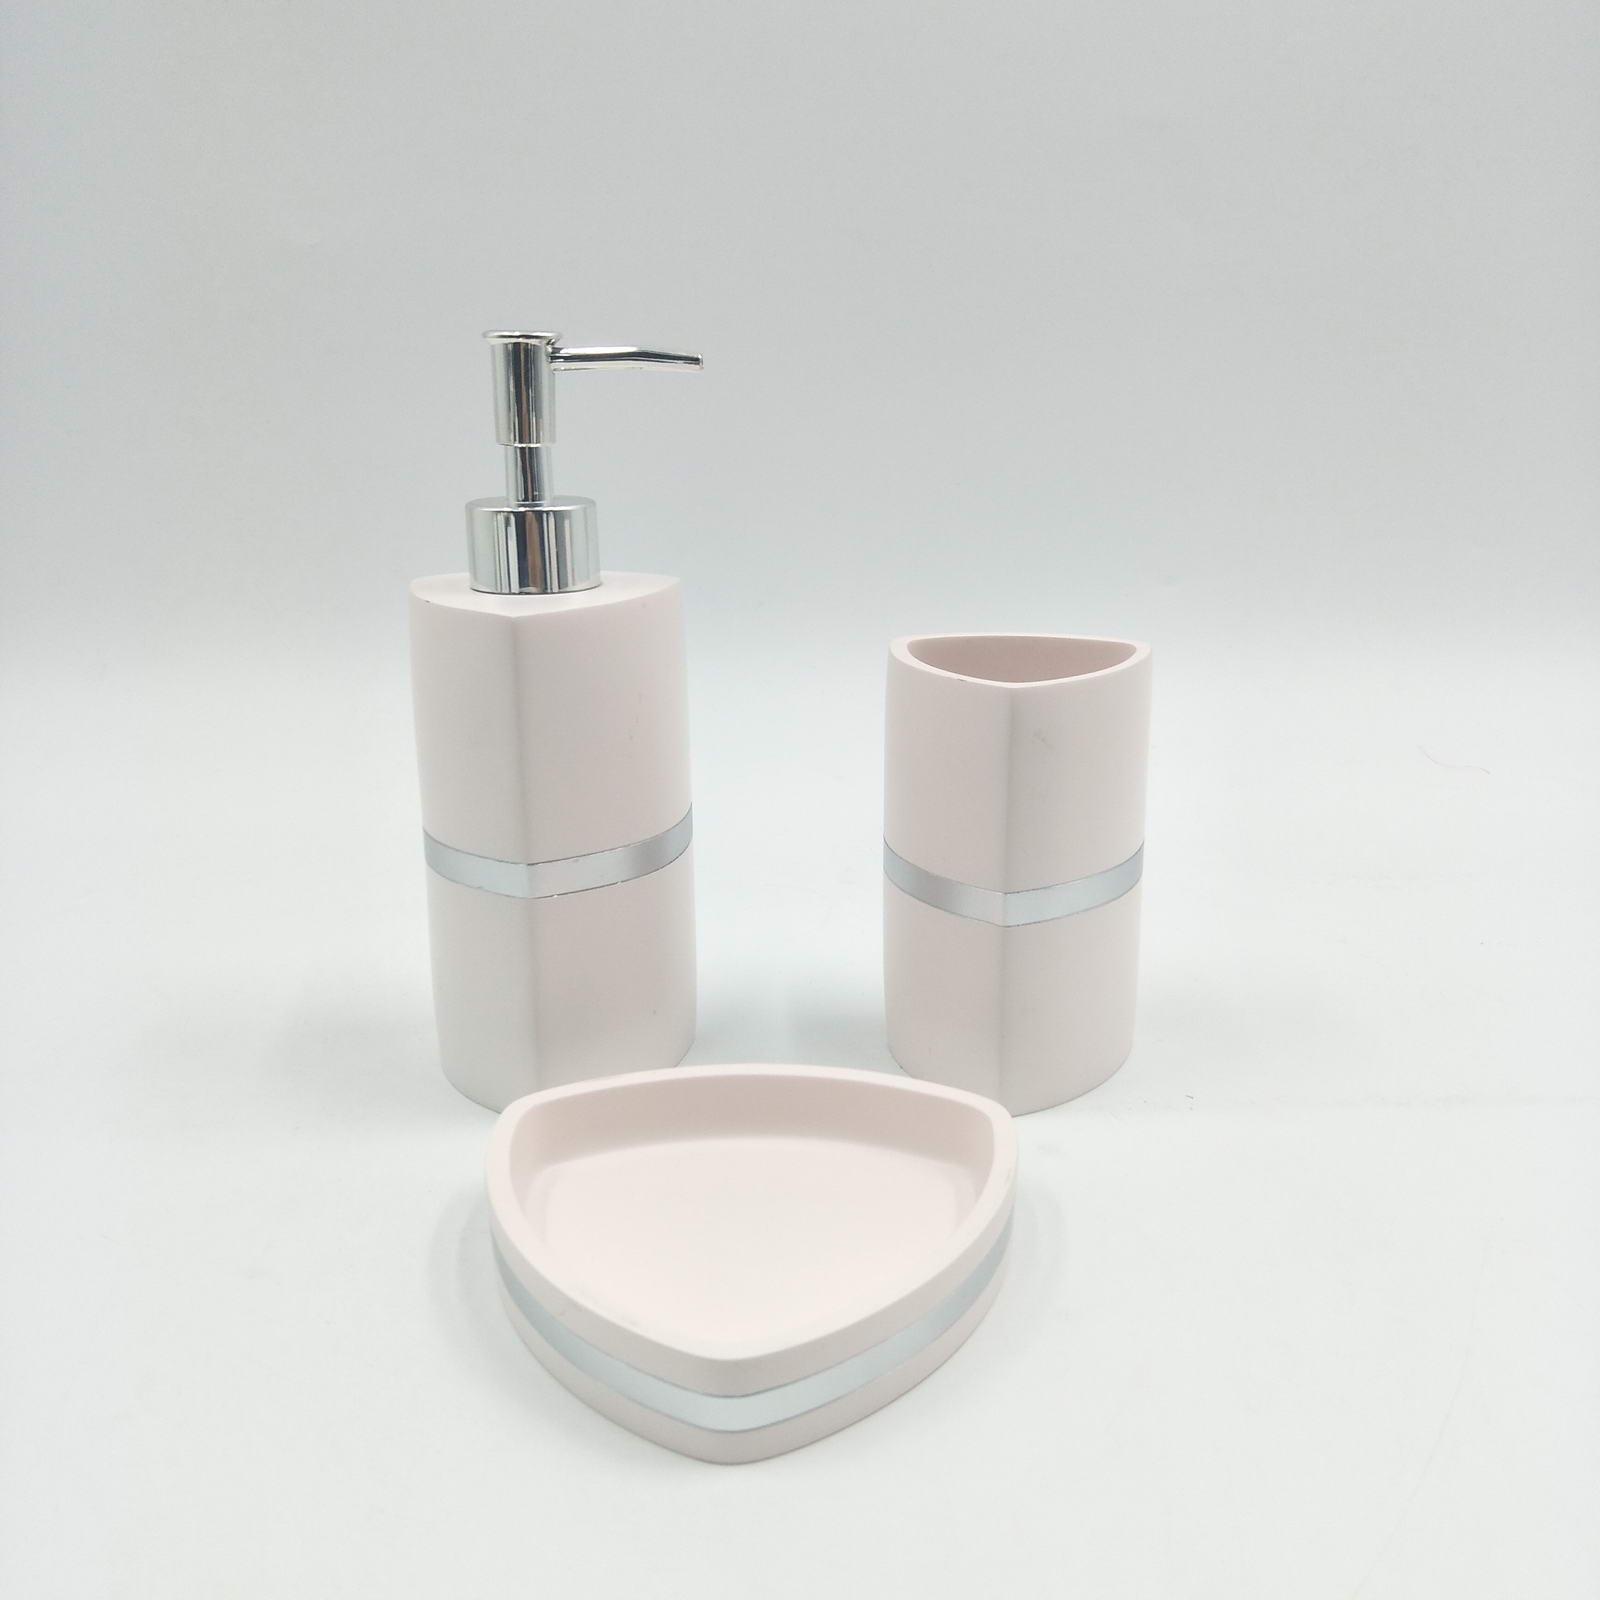 Набор для ванной комнаты Sofi de Marko ВК-55-розМ, ВК-55-розМ, розовыйВК-55-розМПодарочный набор для ванны. Комплектация: Дозатор для жидкого мыла Стаканчик для зубных щеток Мыльница для твердого мыла 100% Полирезина Упаковка: подарочная коробка